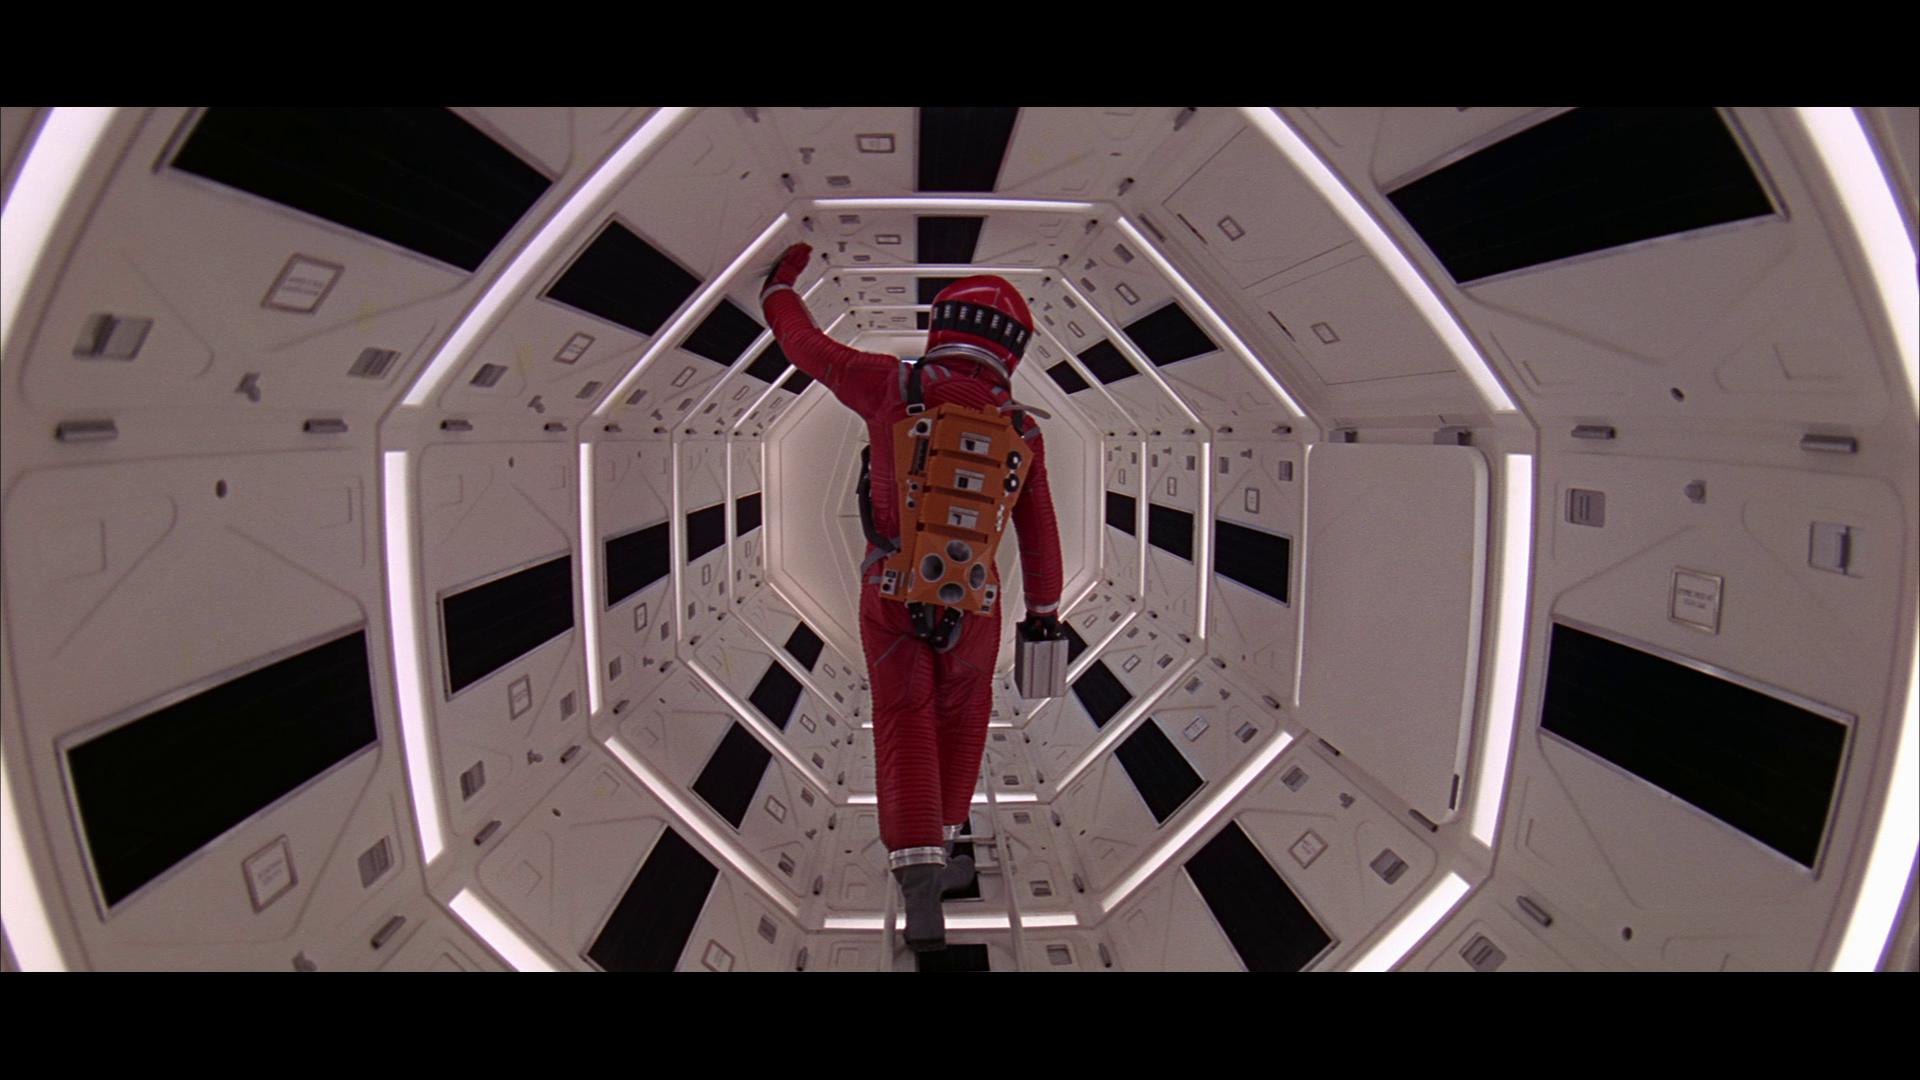 デスクトップ壁紙 スペース 映画 対称 01年の宇宙オデッセイ Hal 9000 設計 スクリーンショット 19x1080 Kejsirajbek 4958 デスクトップ壁紙 Wallhere